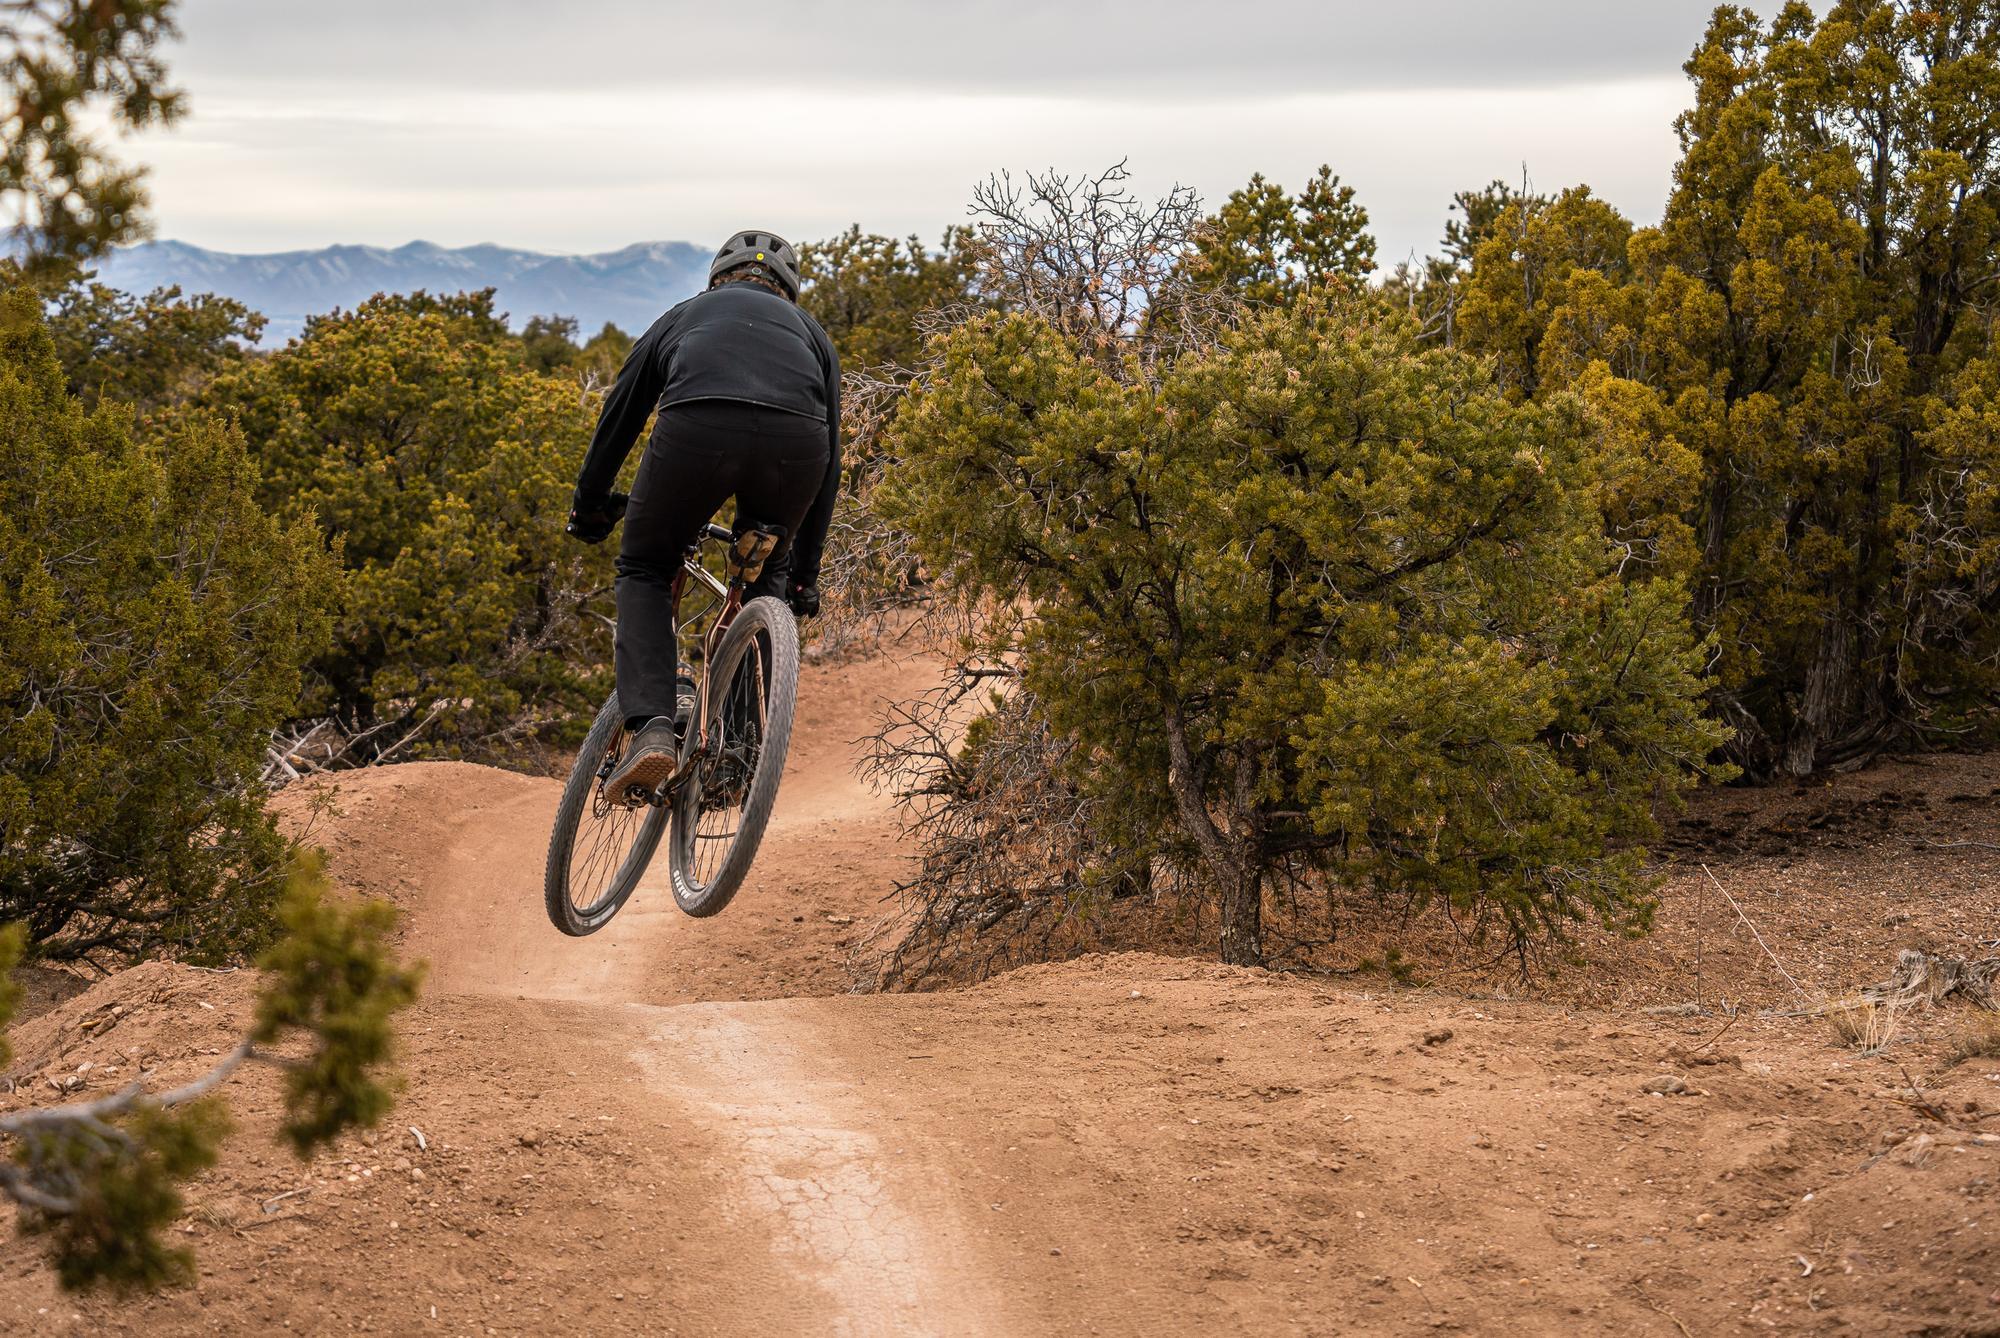 Kona ULTD - action photo by Kyle Klain